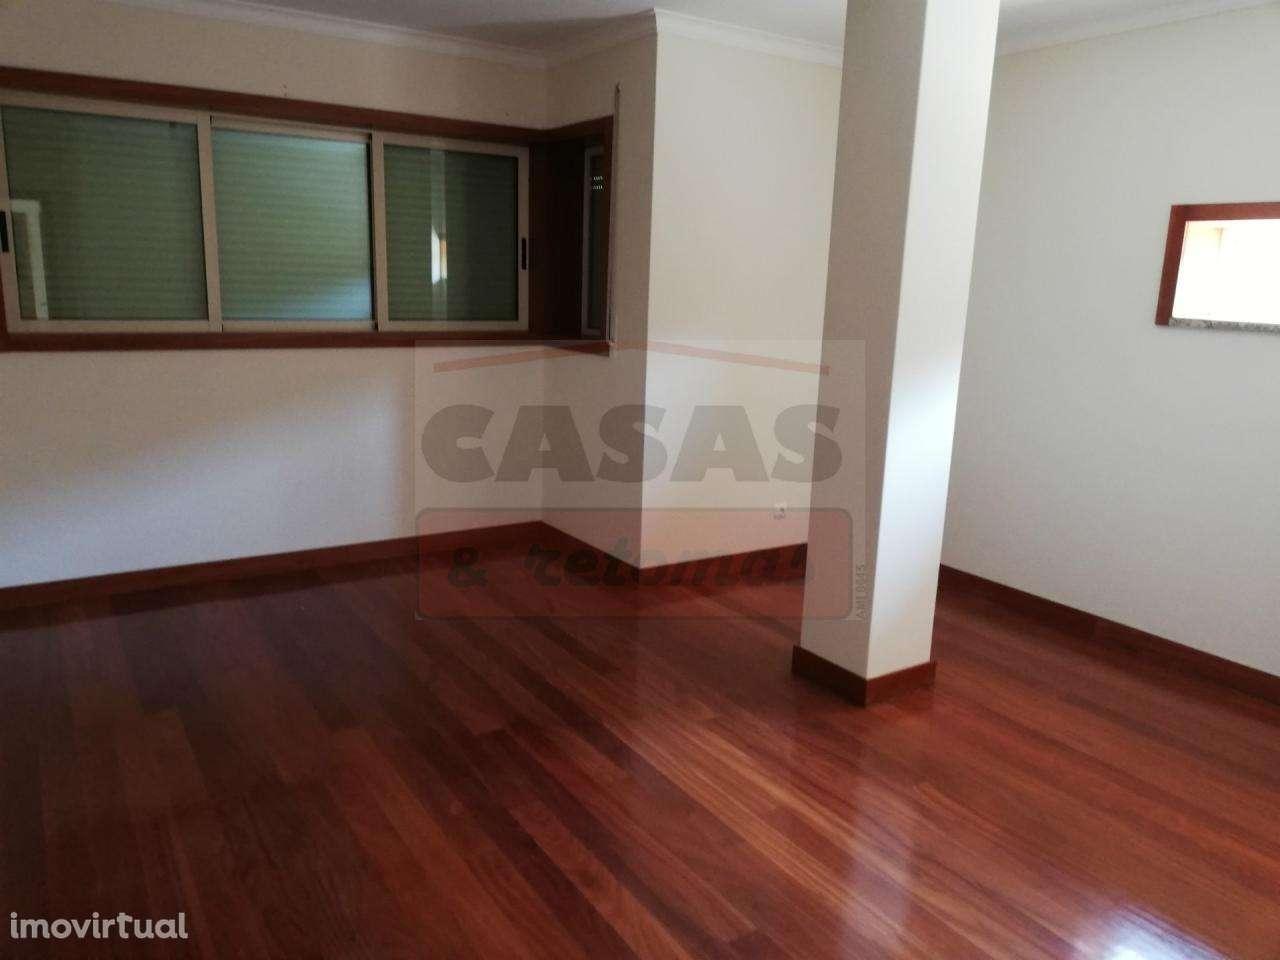 Quintas e herdades para comprar, Sande Vila Nova e Sande São Clemente, Guimarães, Braga - Foto 17